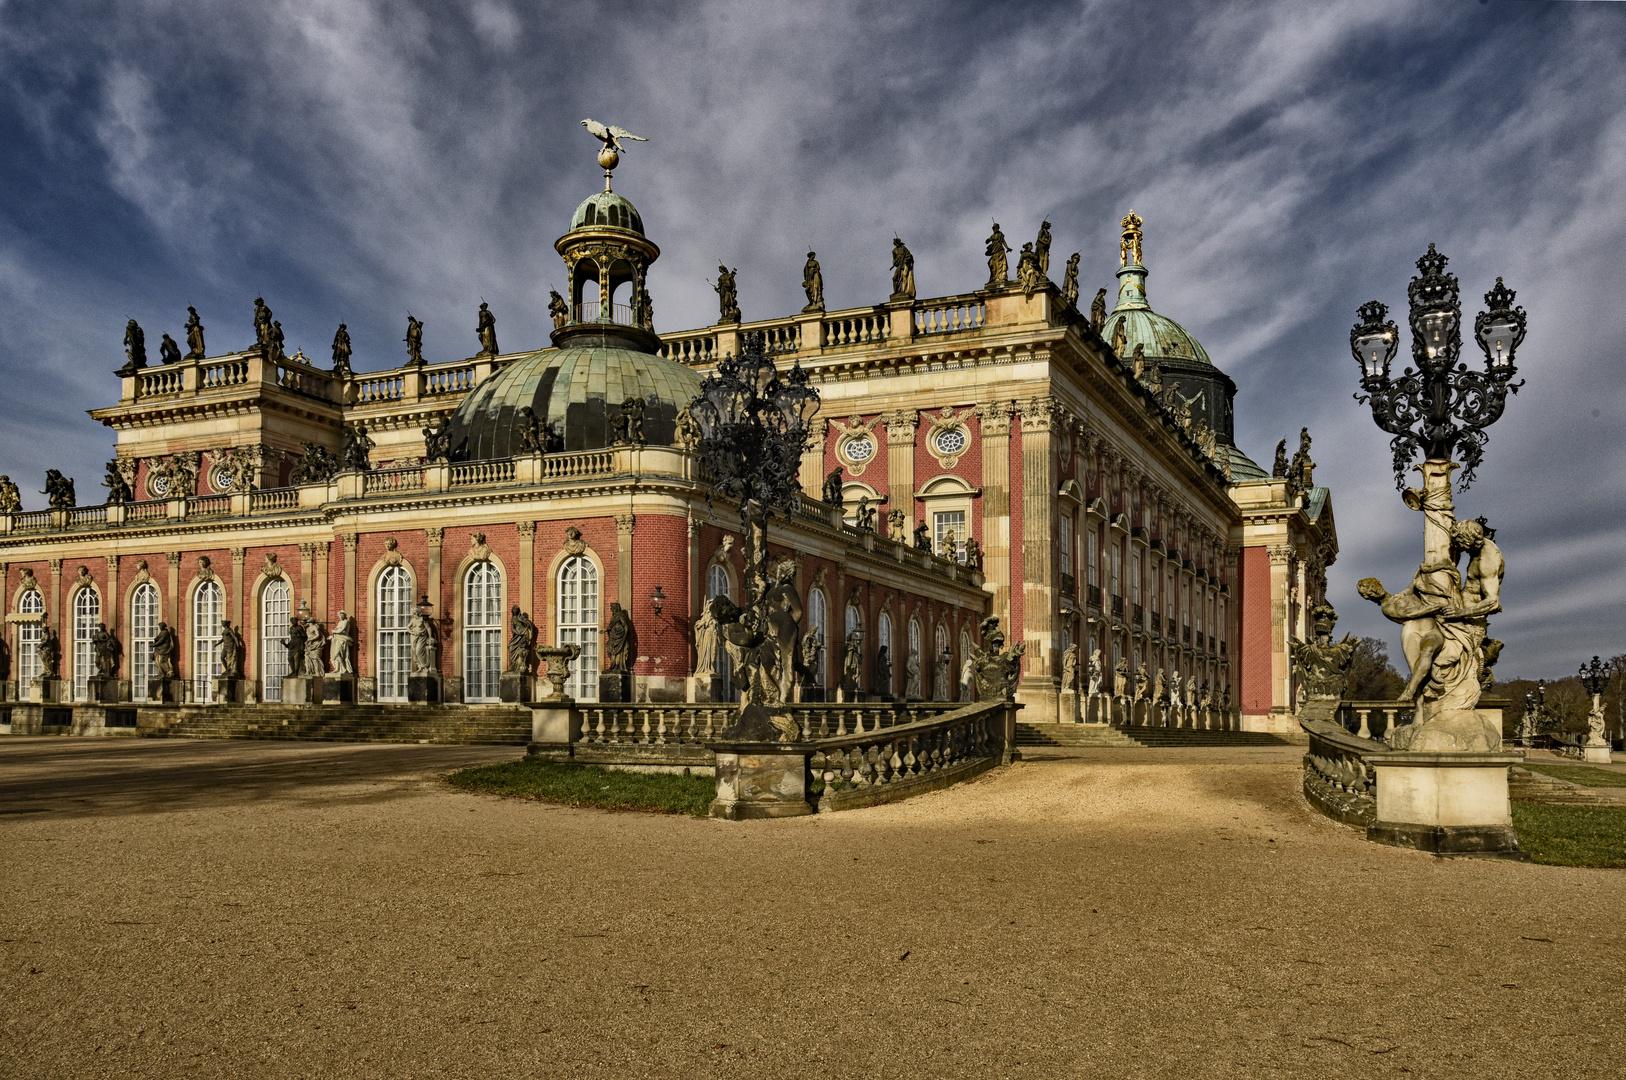 Neues Palais - Potsdam - 2020 Januar